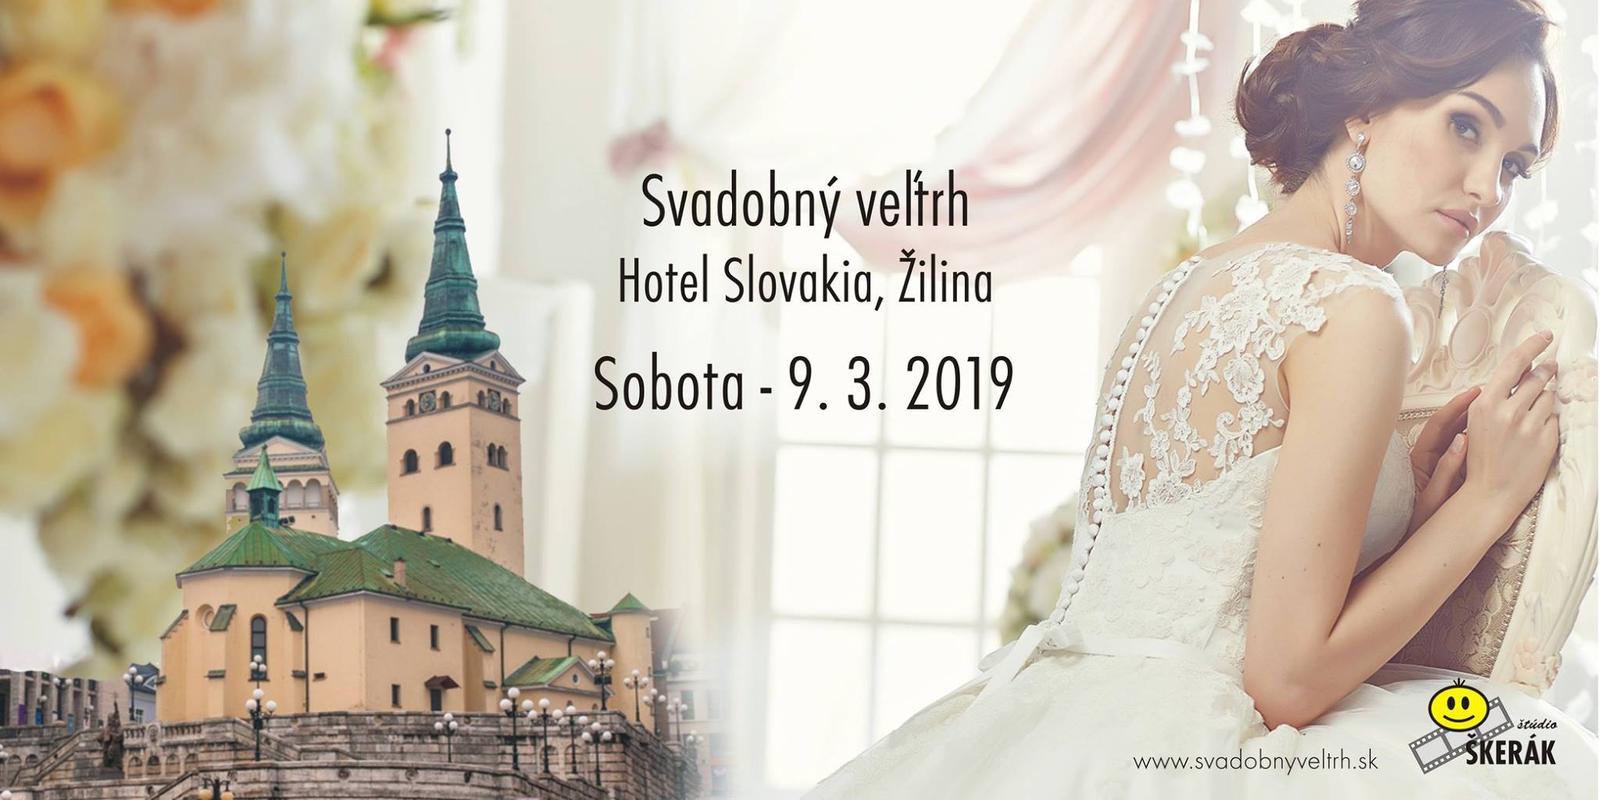 Svadobný veľtrh v ŽILINE už túto sobotu 9.3.2019 a my budeme tam :) - Svadobný veľtrh v ŽILINE